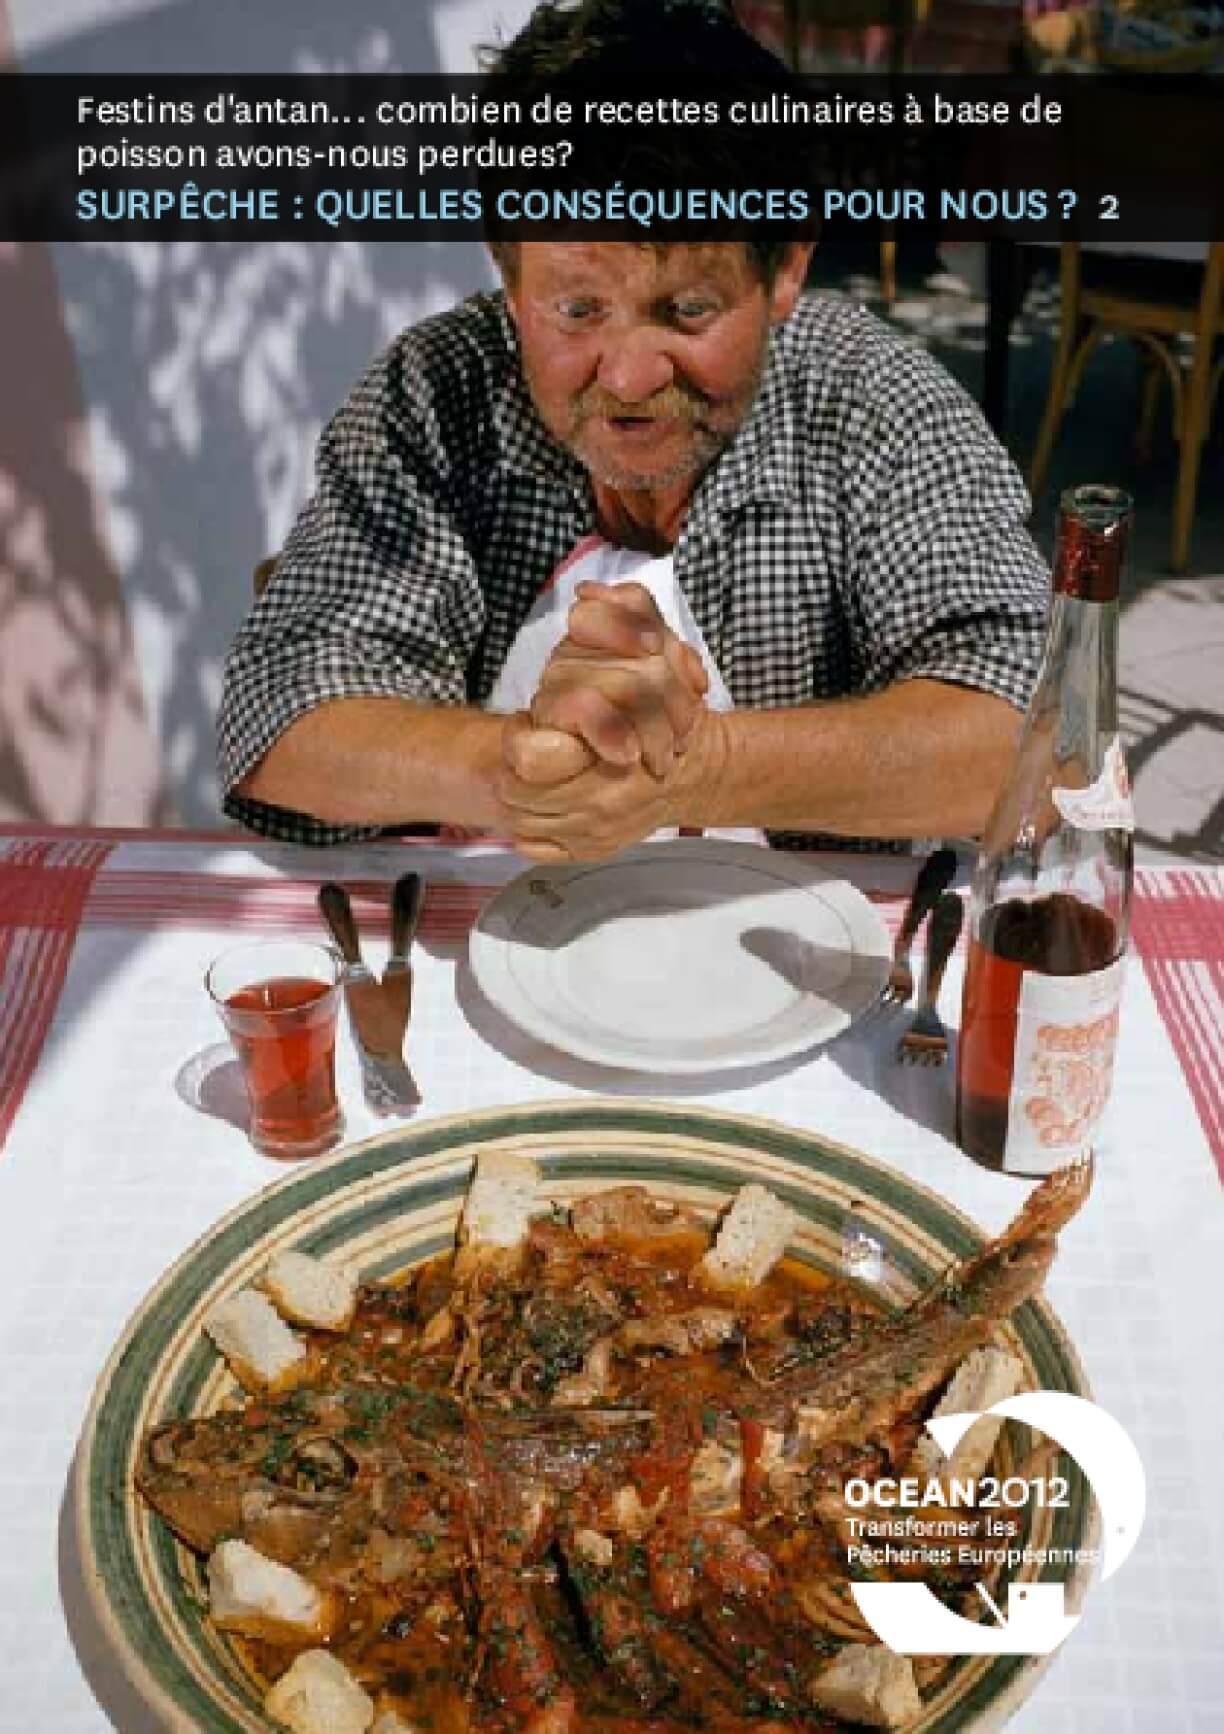 Festins D'Antan... Combien de Recettes Culinaires À Base de Poisson Avons-Nous Perdues? Surpêche : Quelles Conséquences Pour Nous ? 2